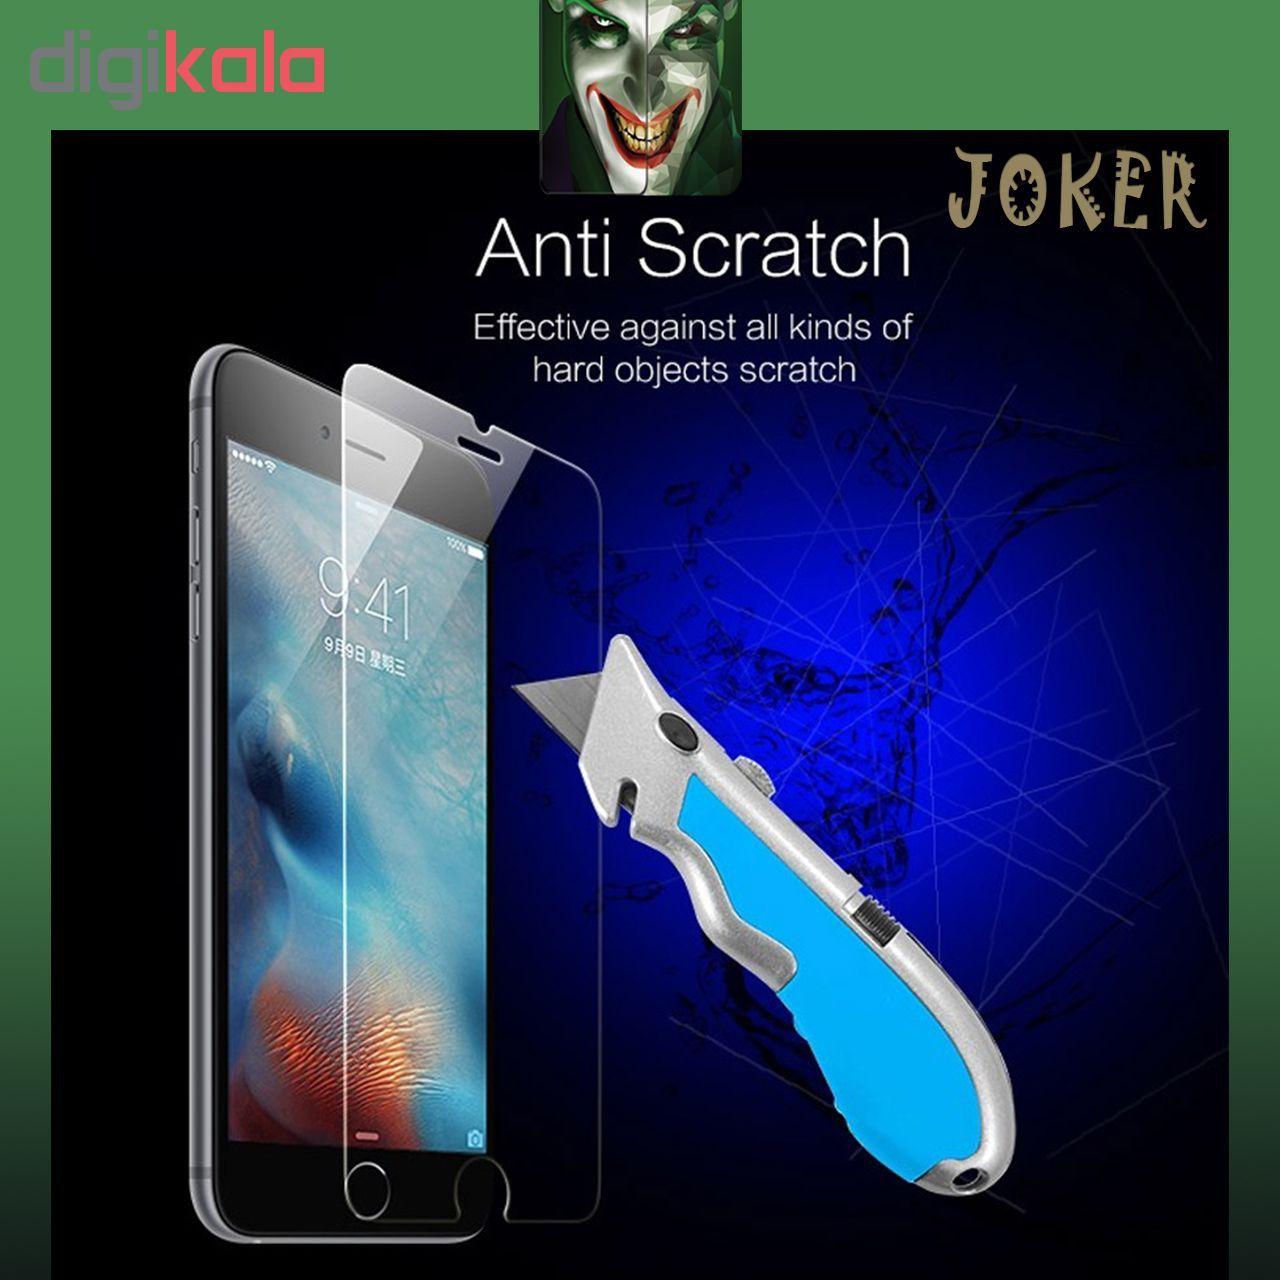 محافظ صفحه نمایش حریم شخصی و پشت گوشی   جوکر مدل FUM-01 مناسب برای گوشی موبایل اپل Iphone Xs  به همراه محافظ لنز دوربین  main 1 5